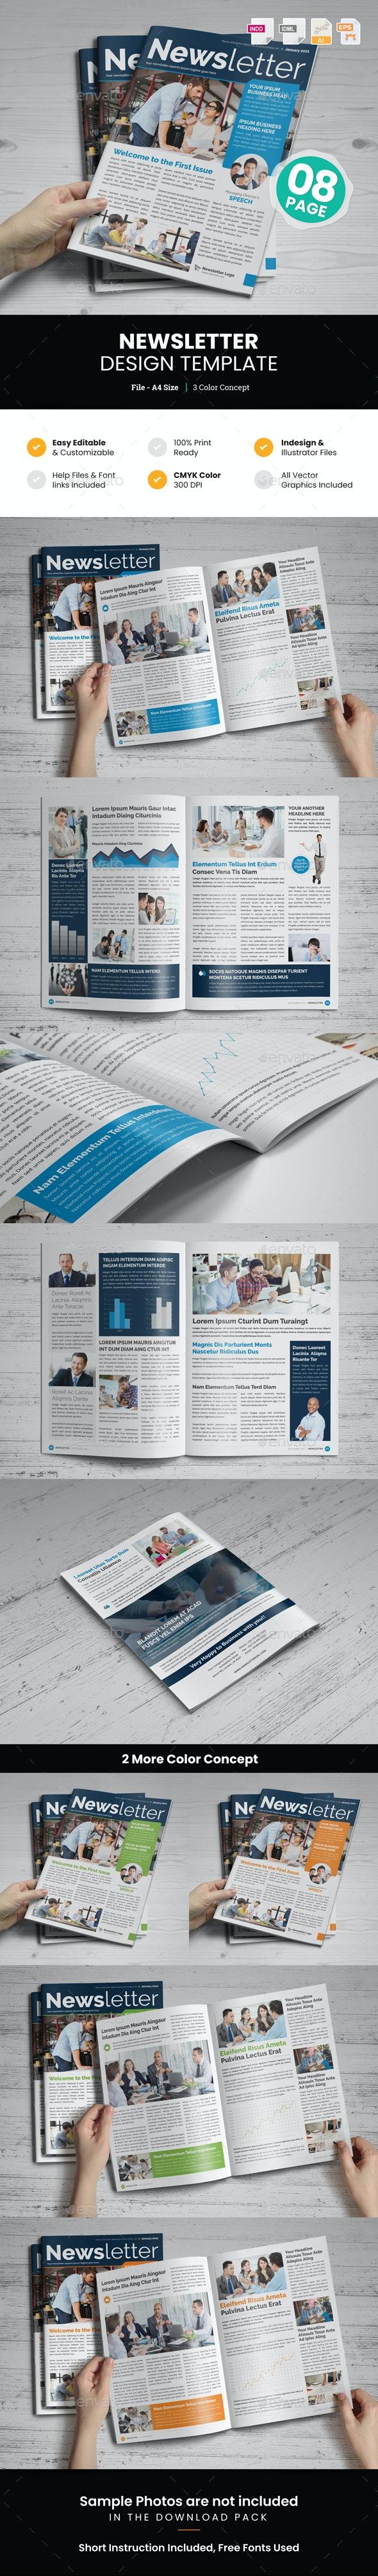 Newsletter Design v1 - Newsletters Print Templates